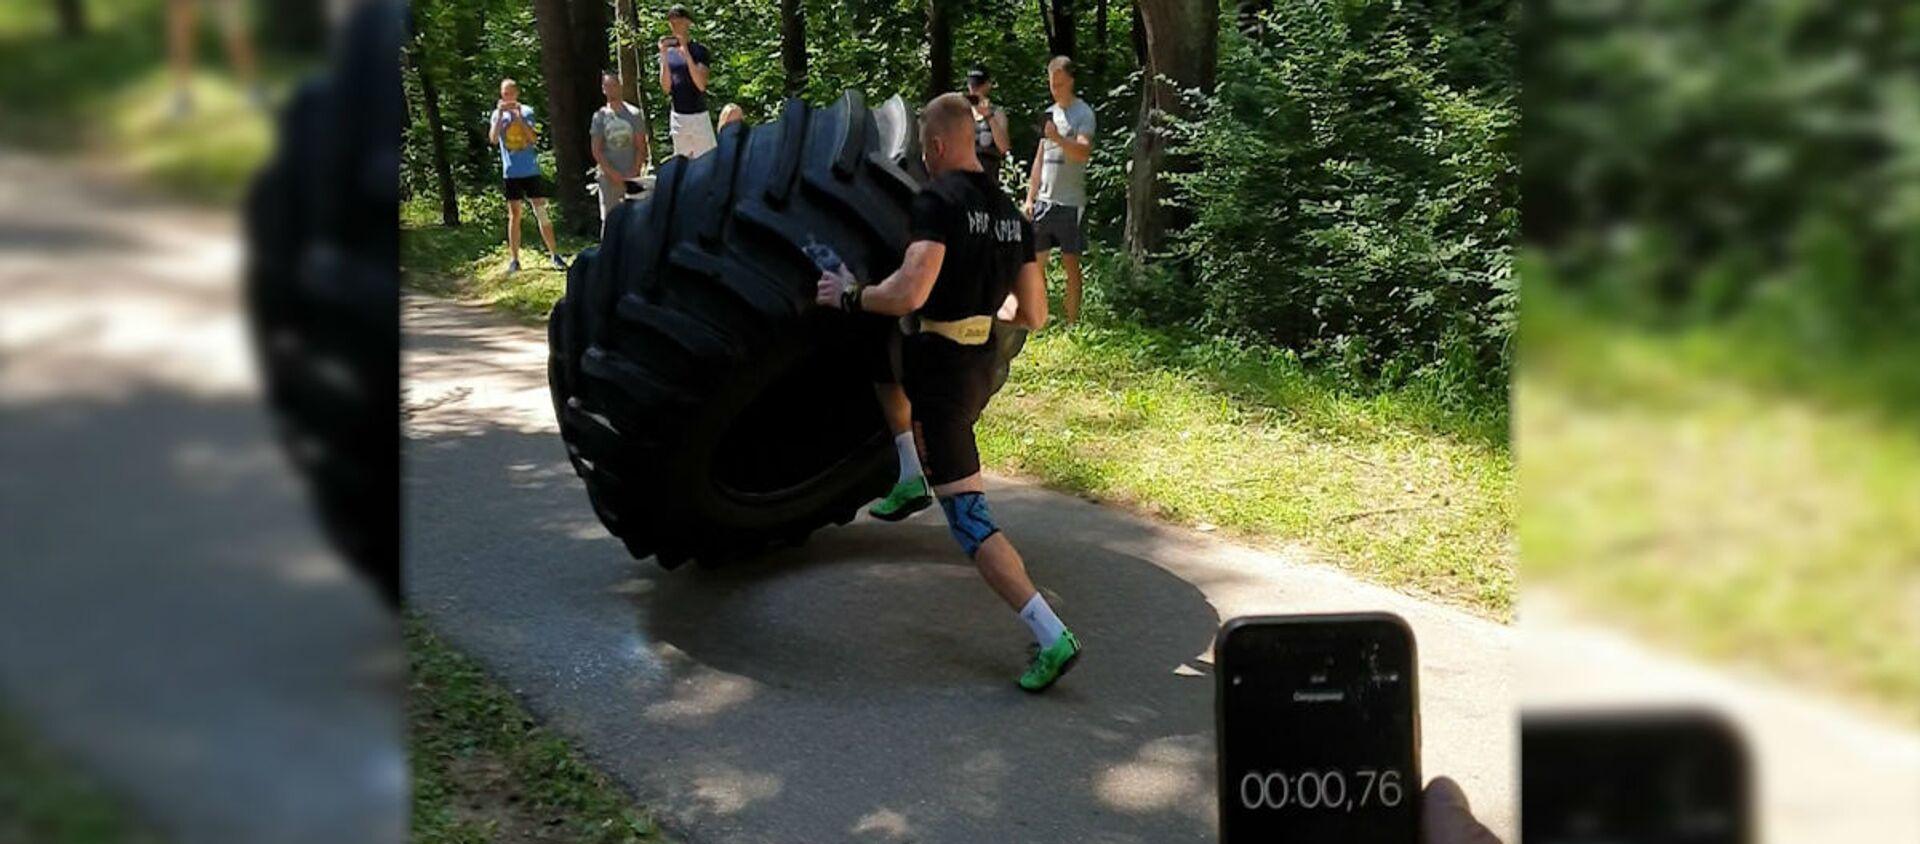 Переворачивает покрышку весом 270 кг: силач из Гродно идет на рекорд - Sputnik Беларусь, 1920, 31.07.2020